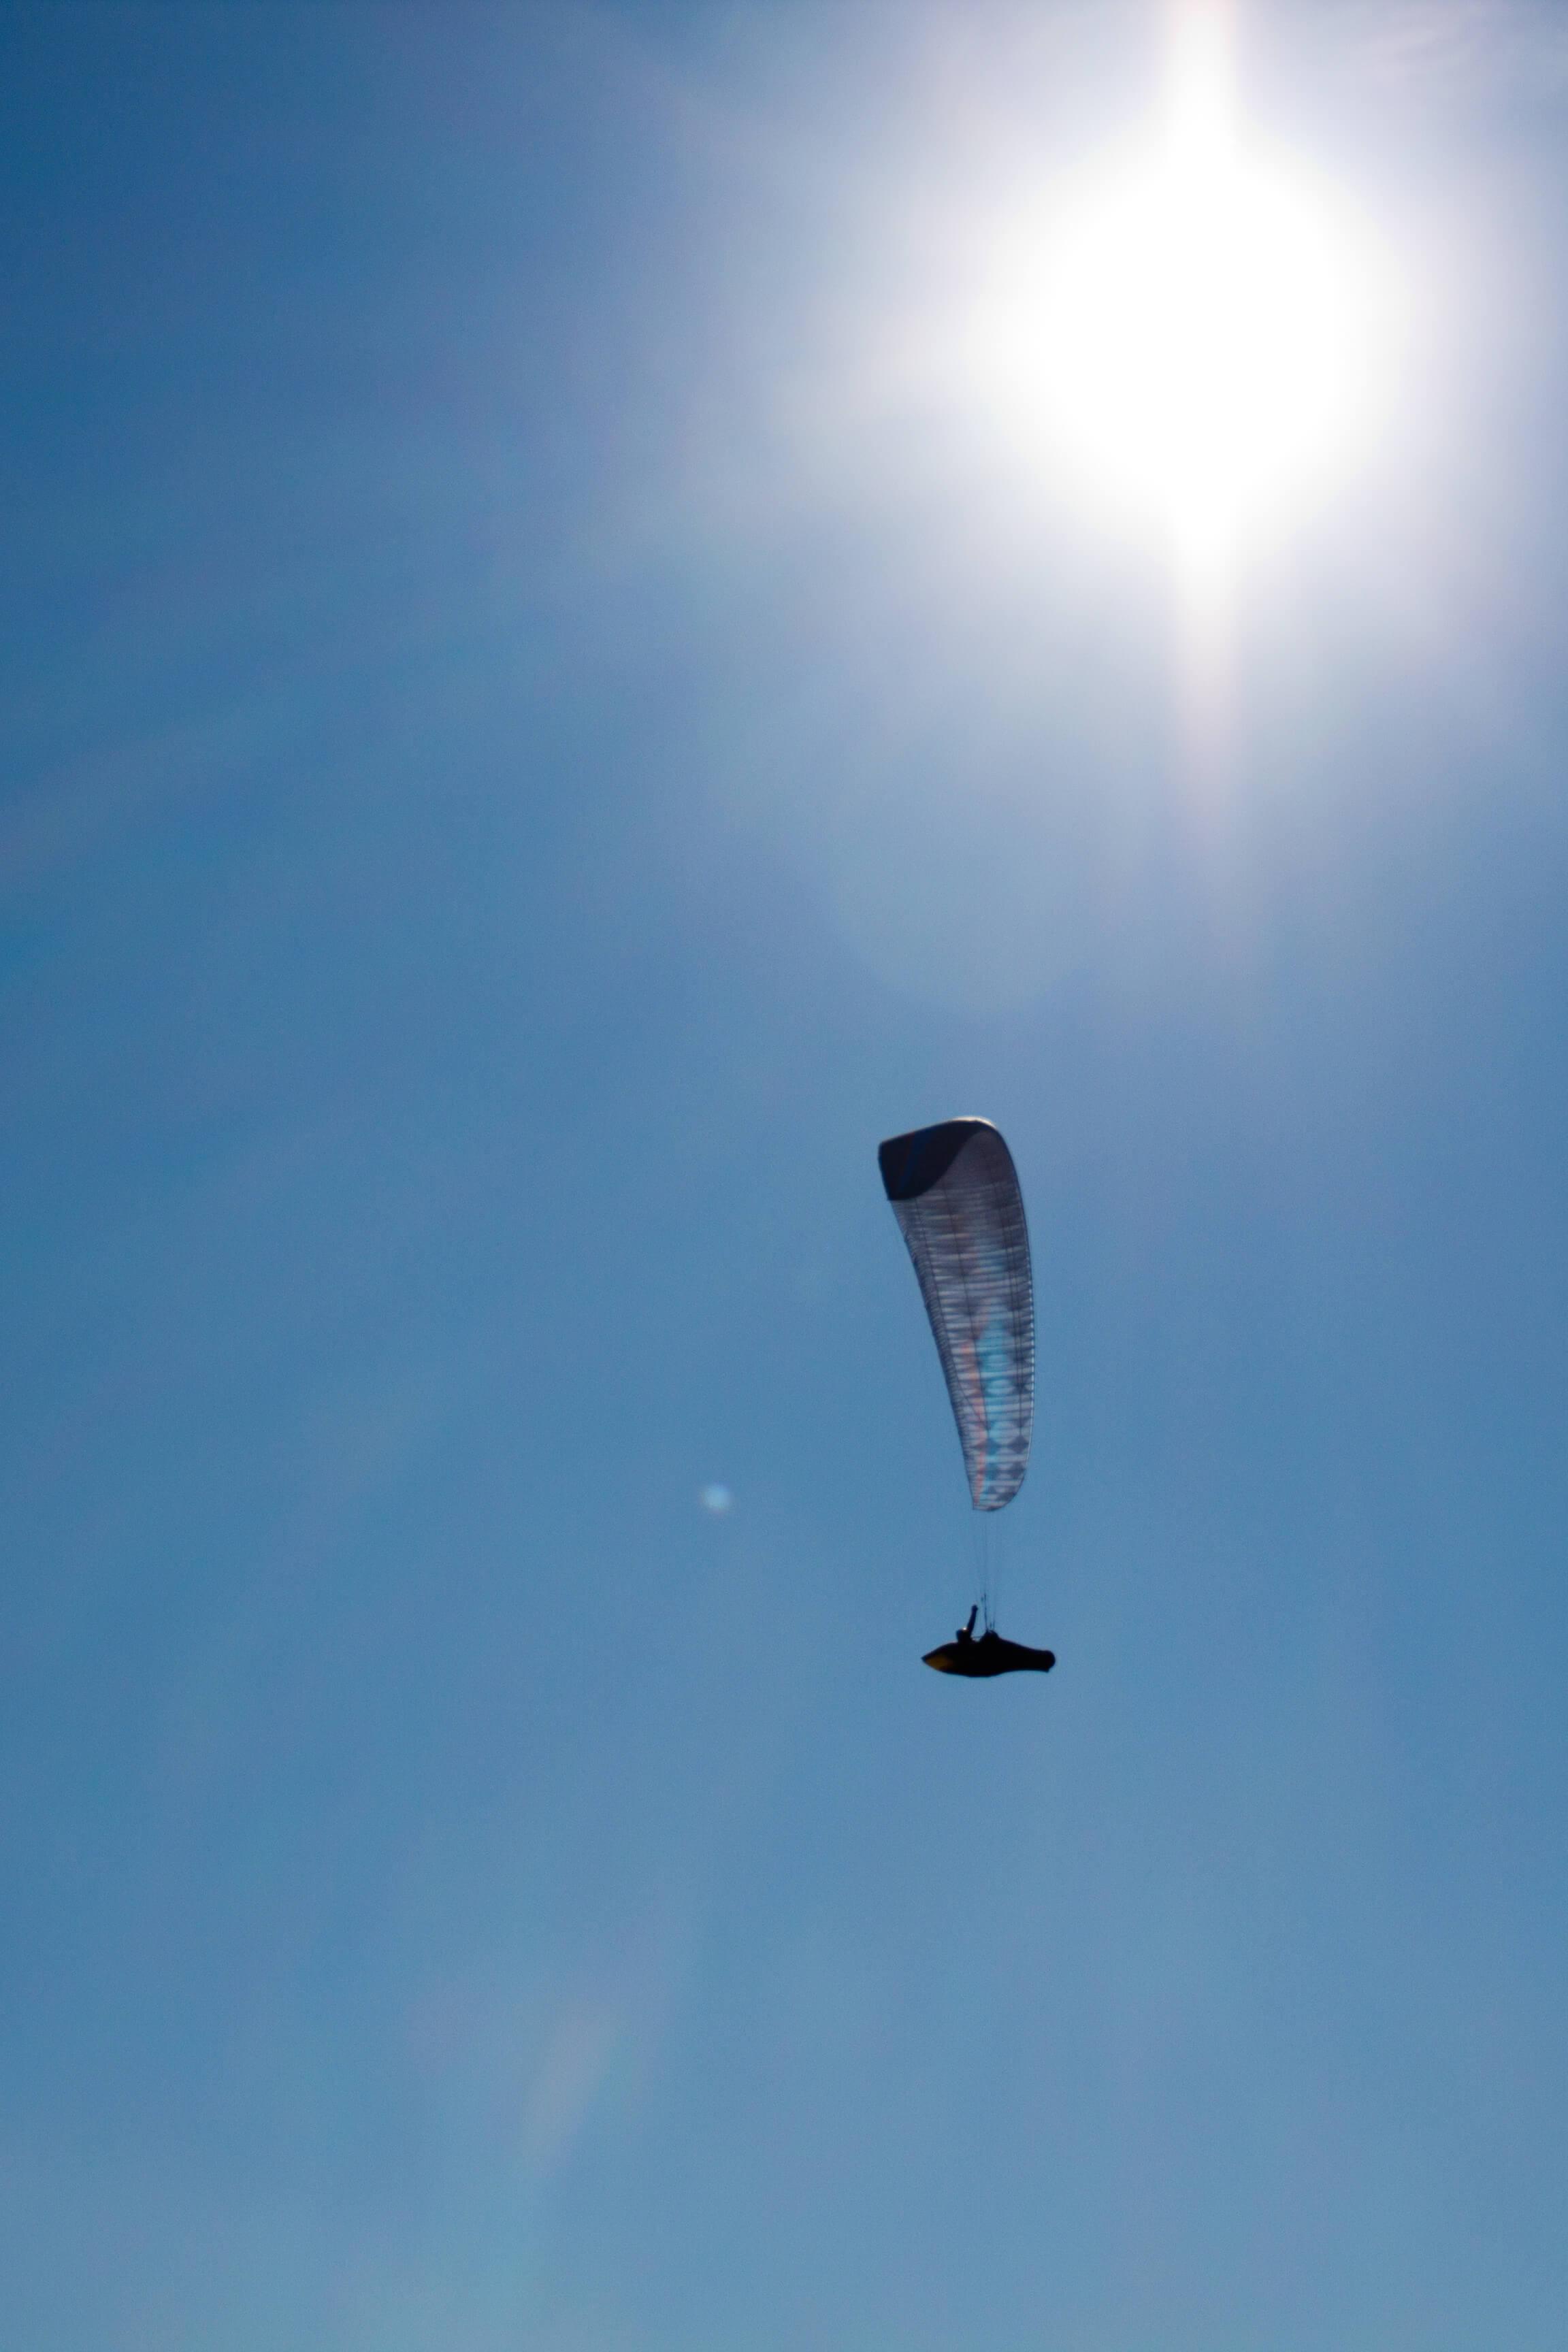 Les parapentes profitent de l'air qui chauffe au soleil